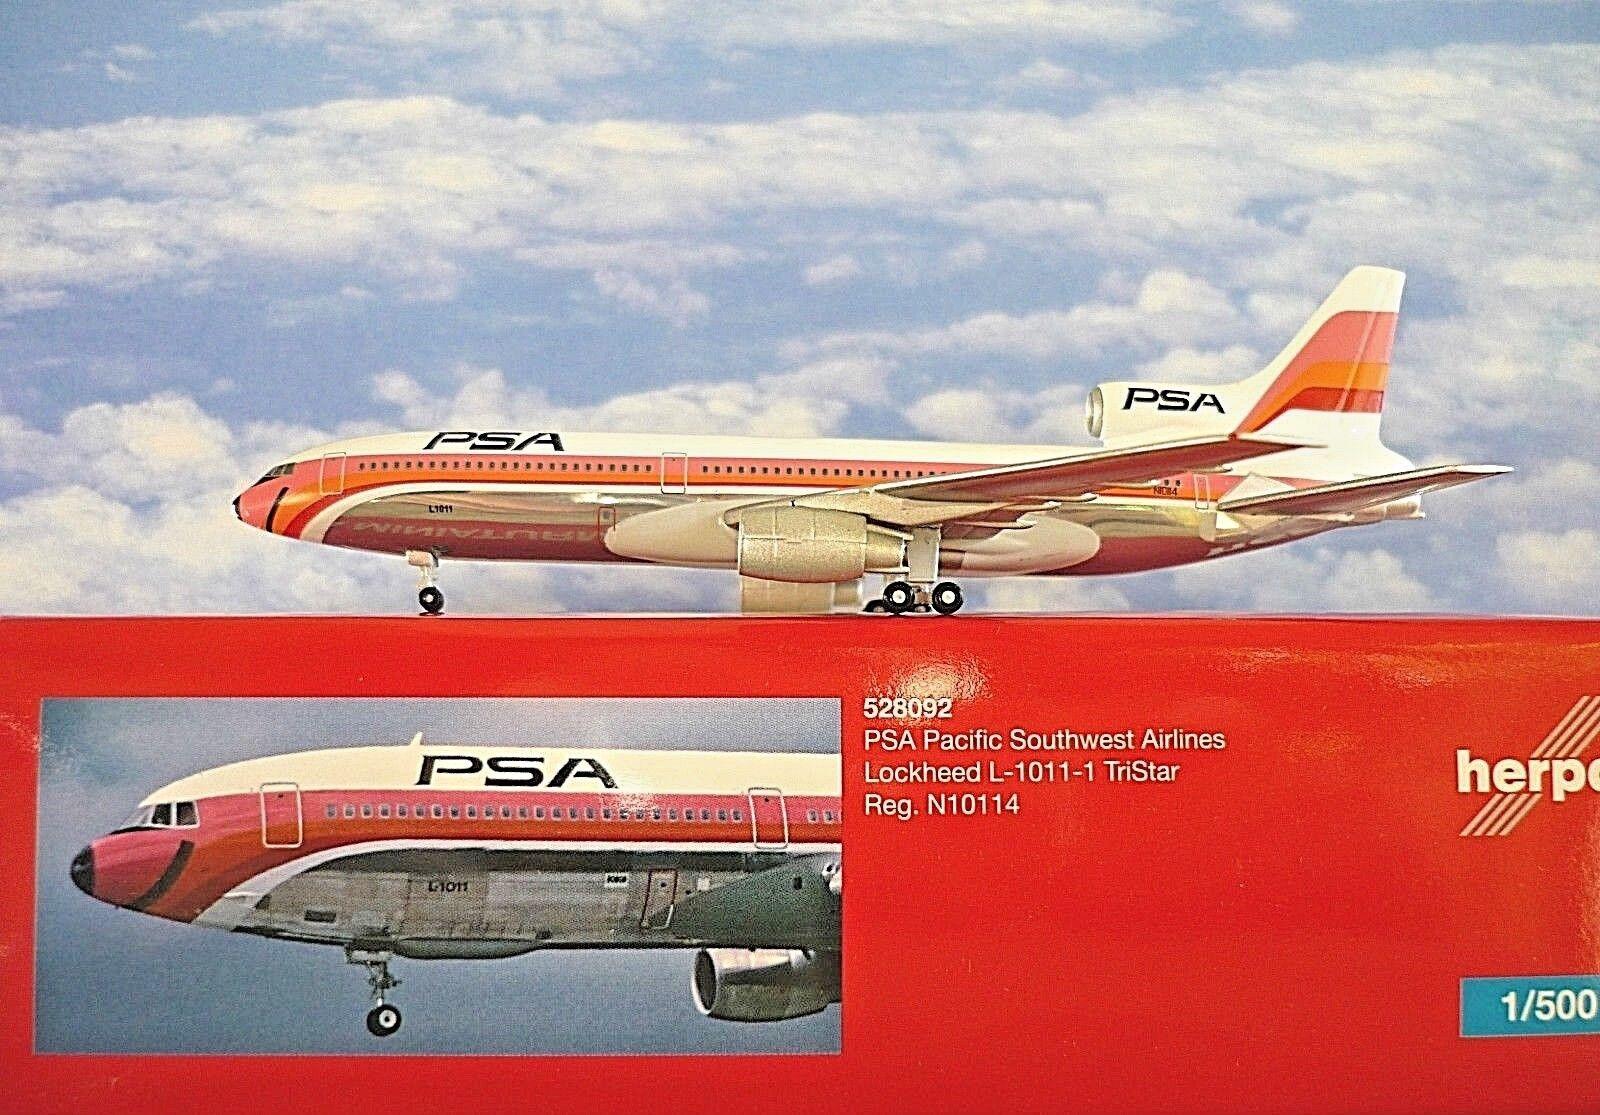 Herpa Herpa Herpa Wings 1 500 Lockheed l-1011 -1 tristar psa n10114 528092 modellairport 500 a7af46